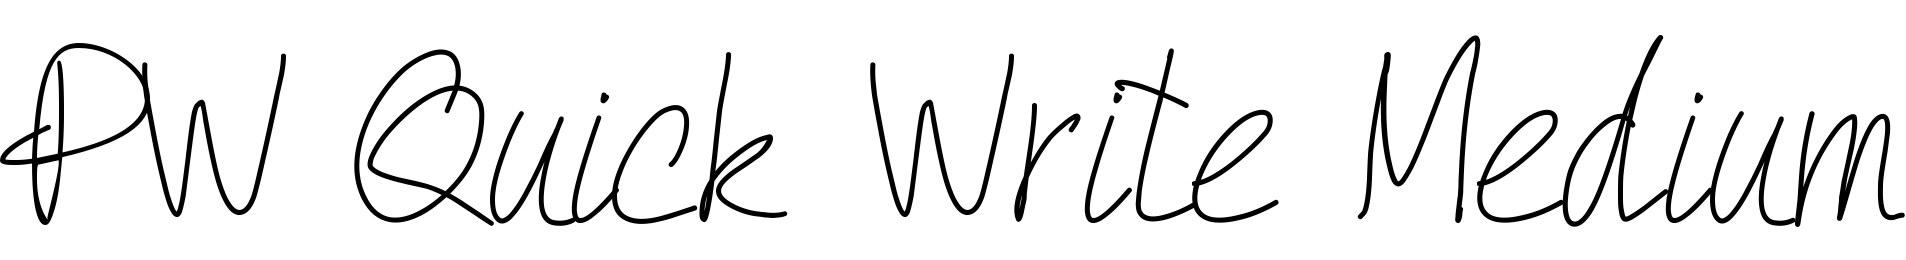 PW Quick Write Medium